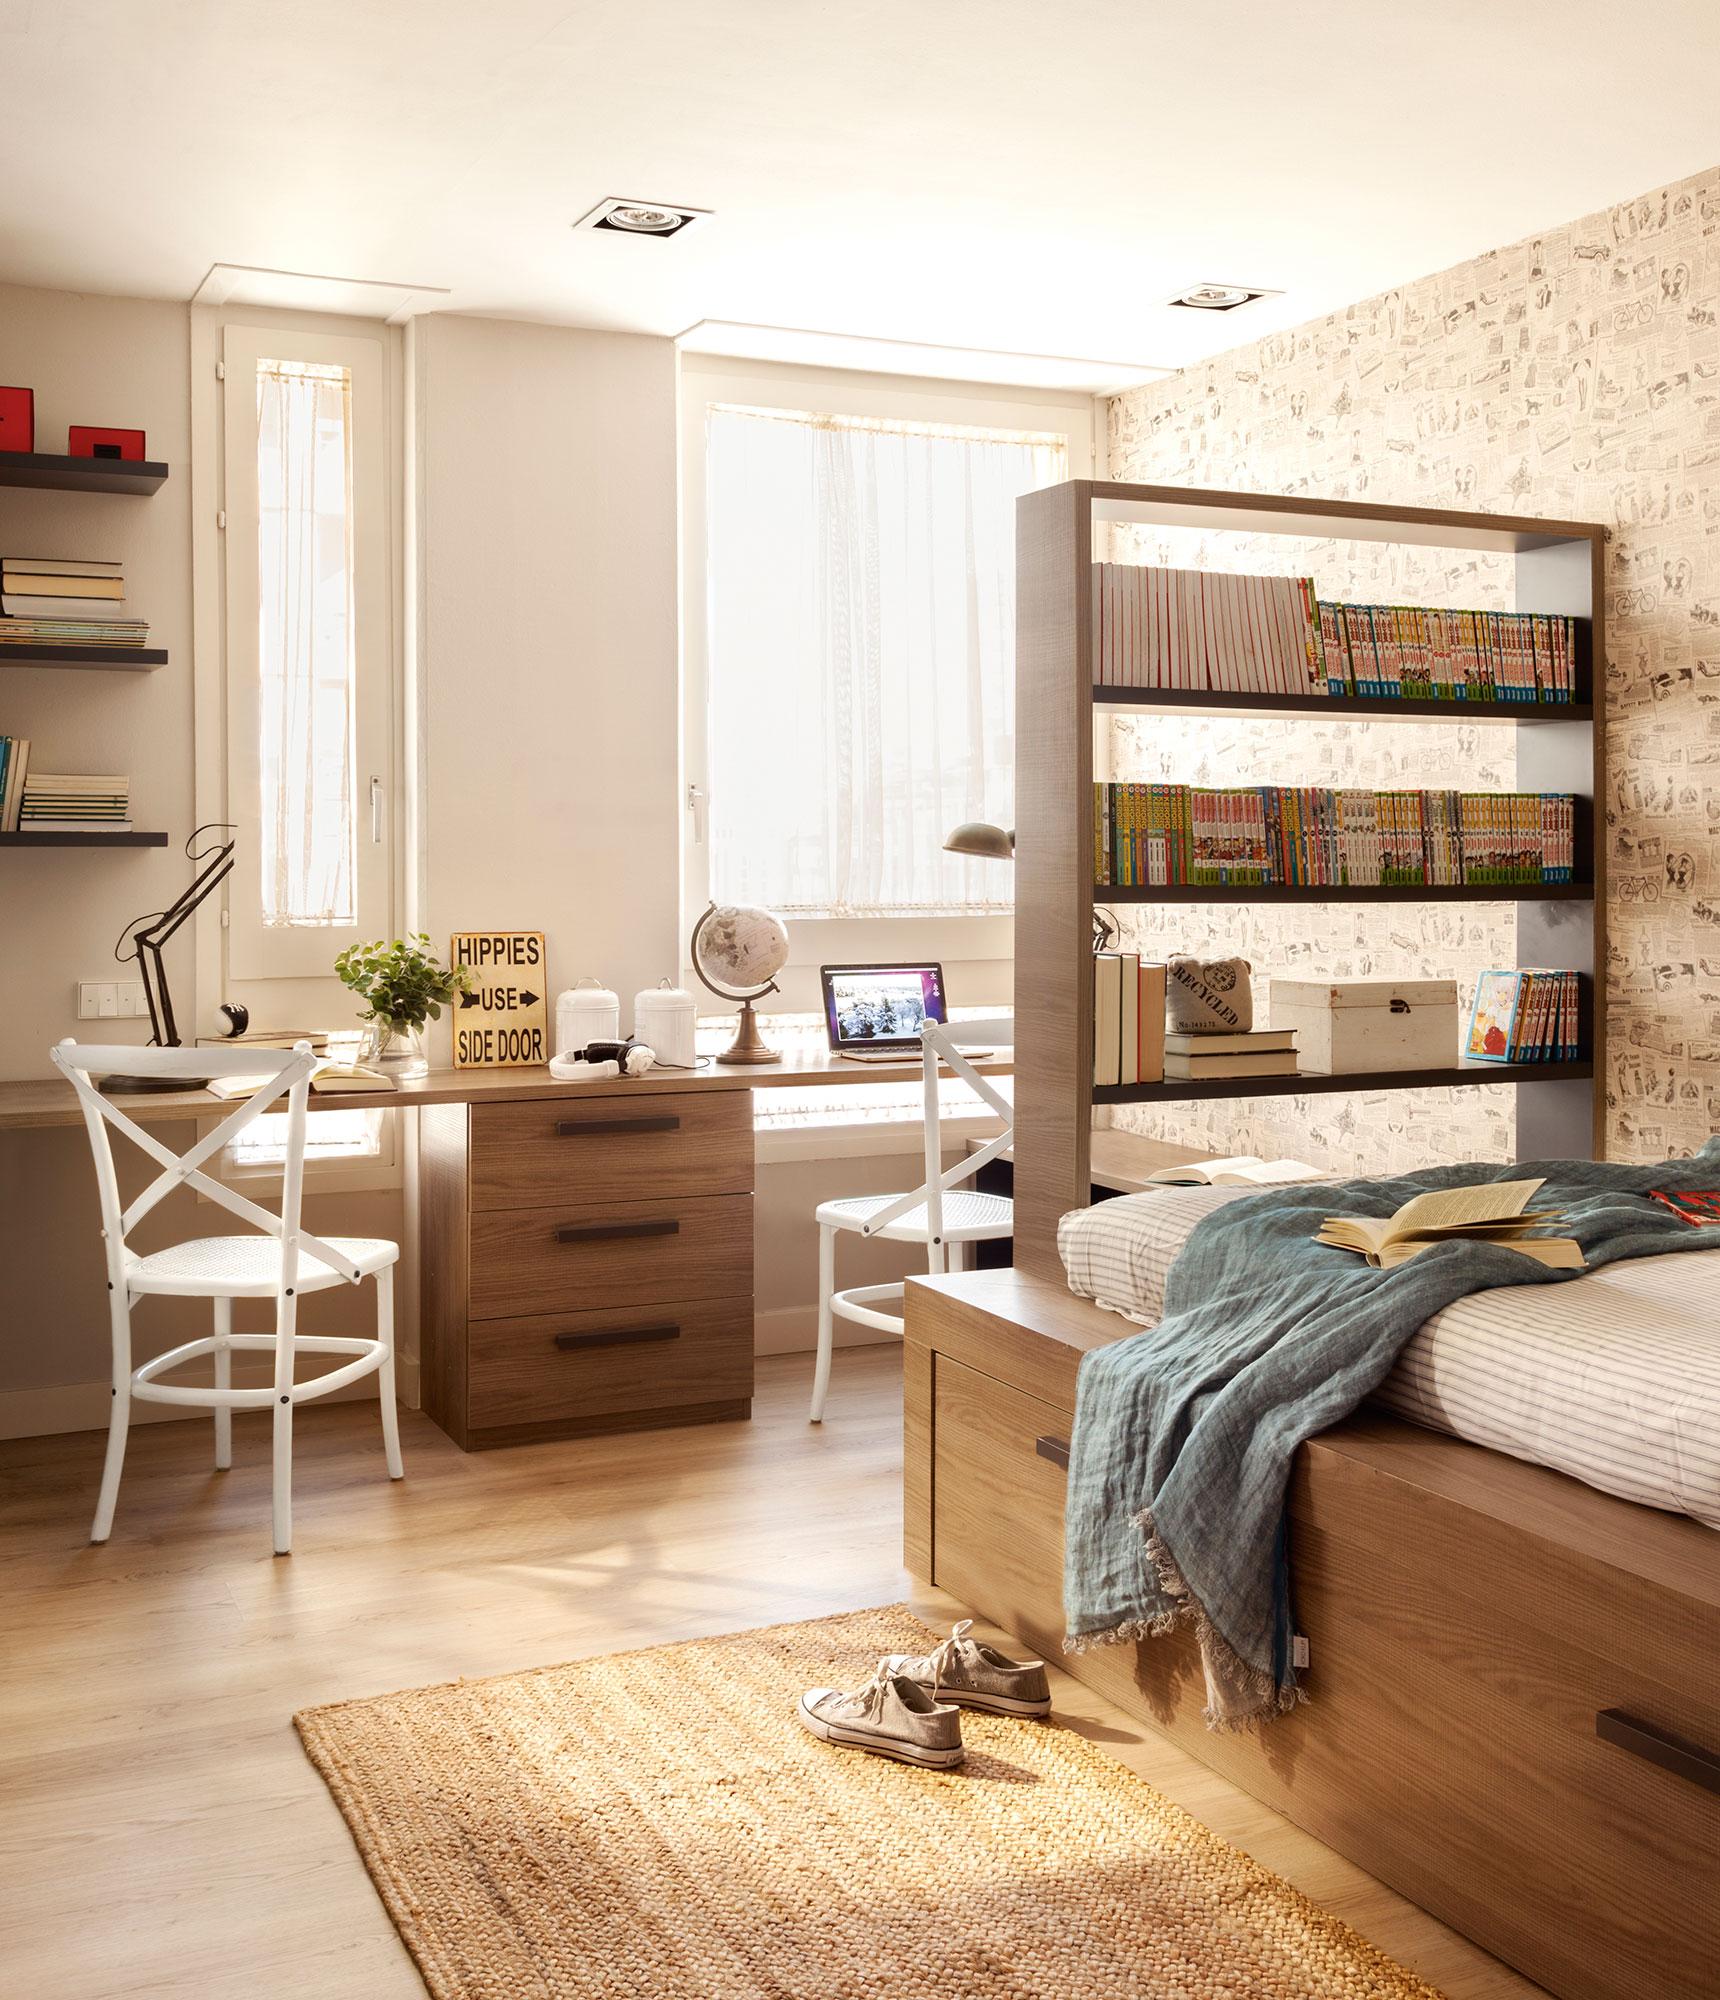 Claves para decorar la habitaci n de los ni os de beb a - Escritorio para habitacion ...